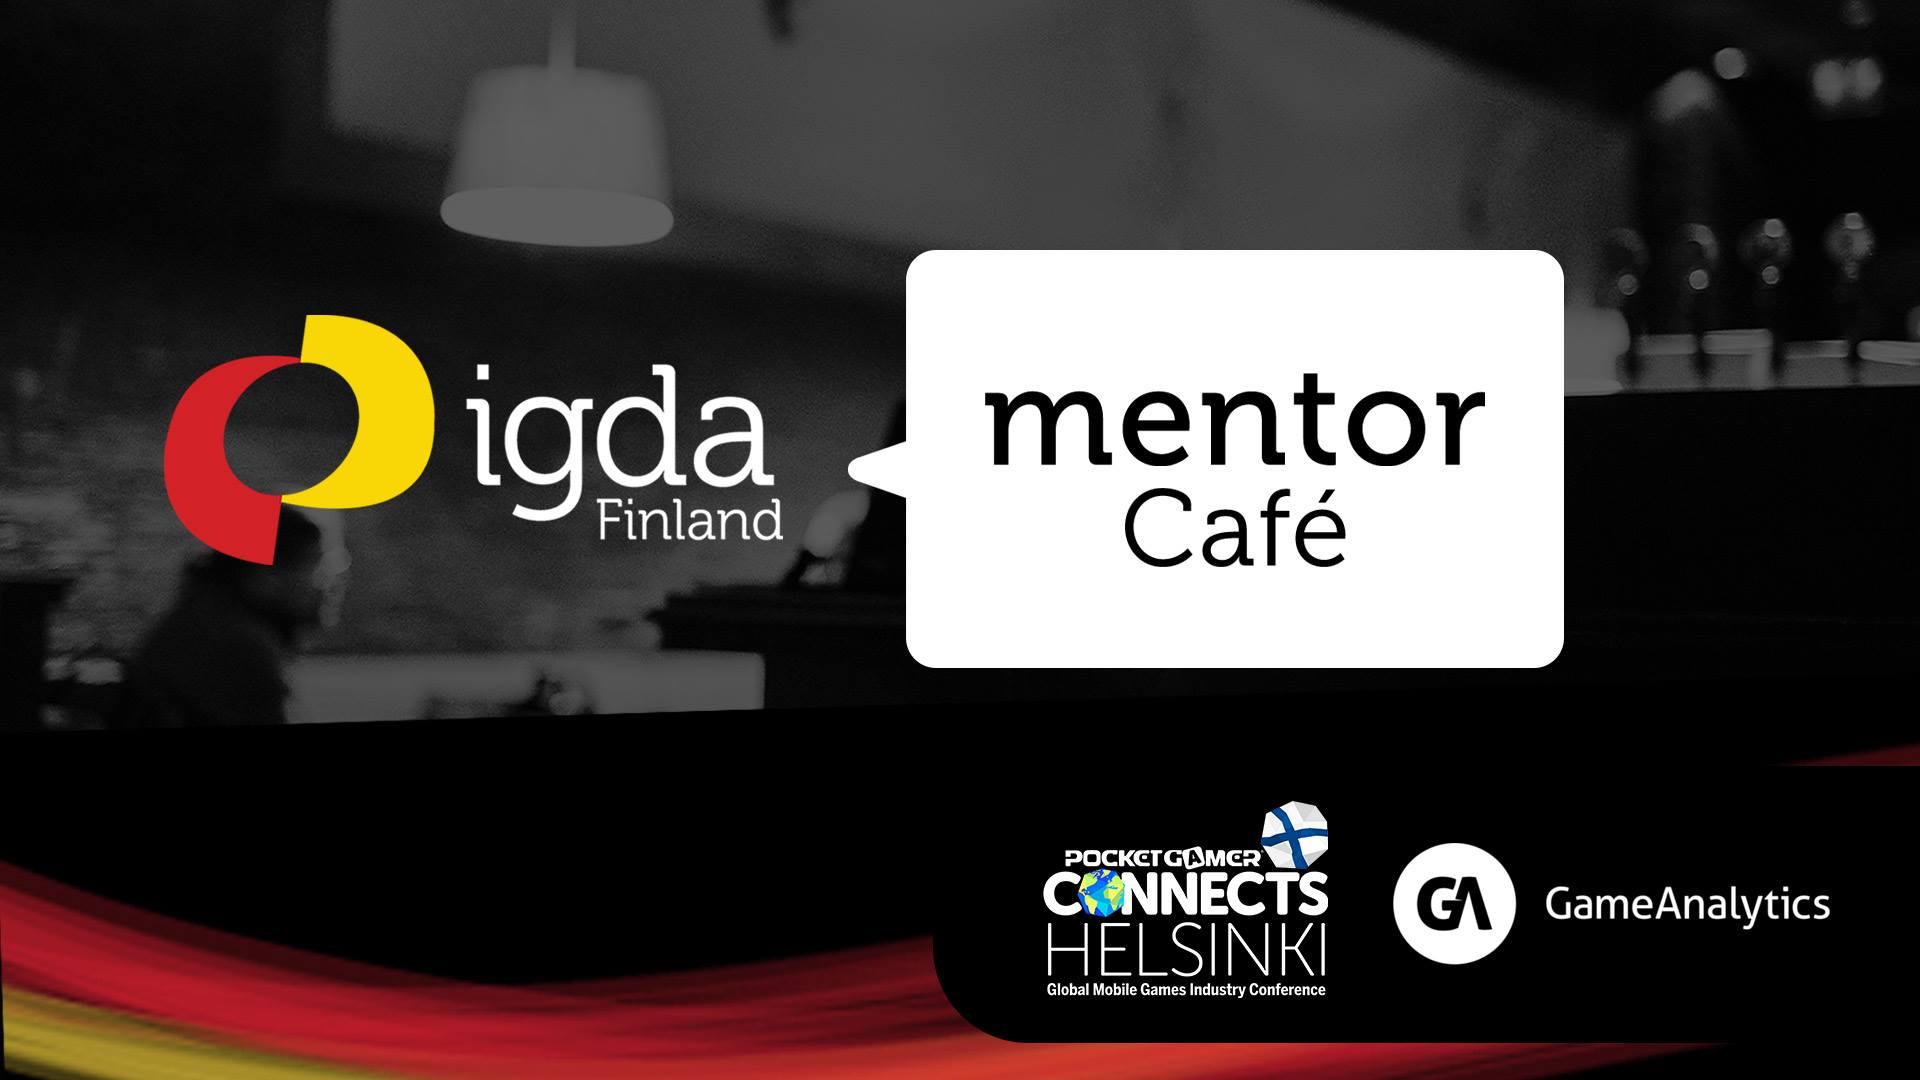 igda mentor cafe.jpg